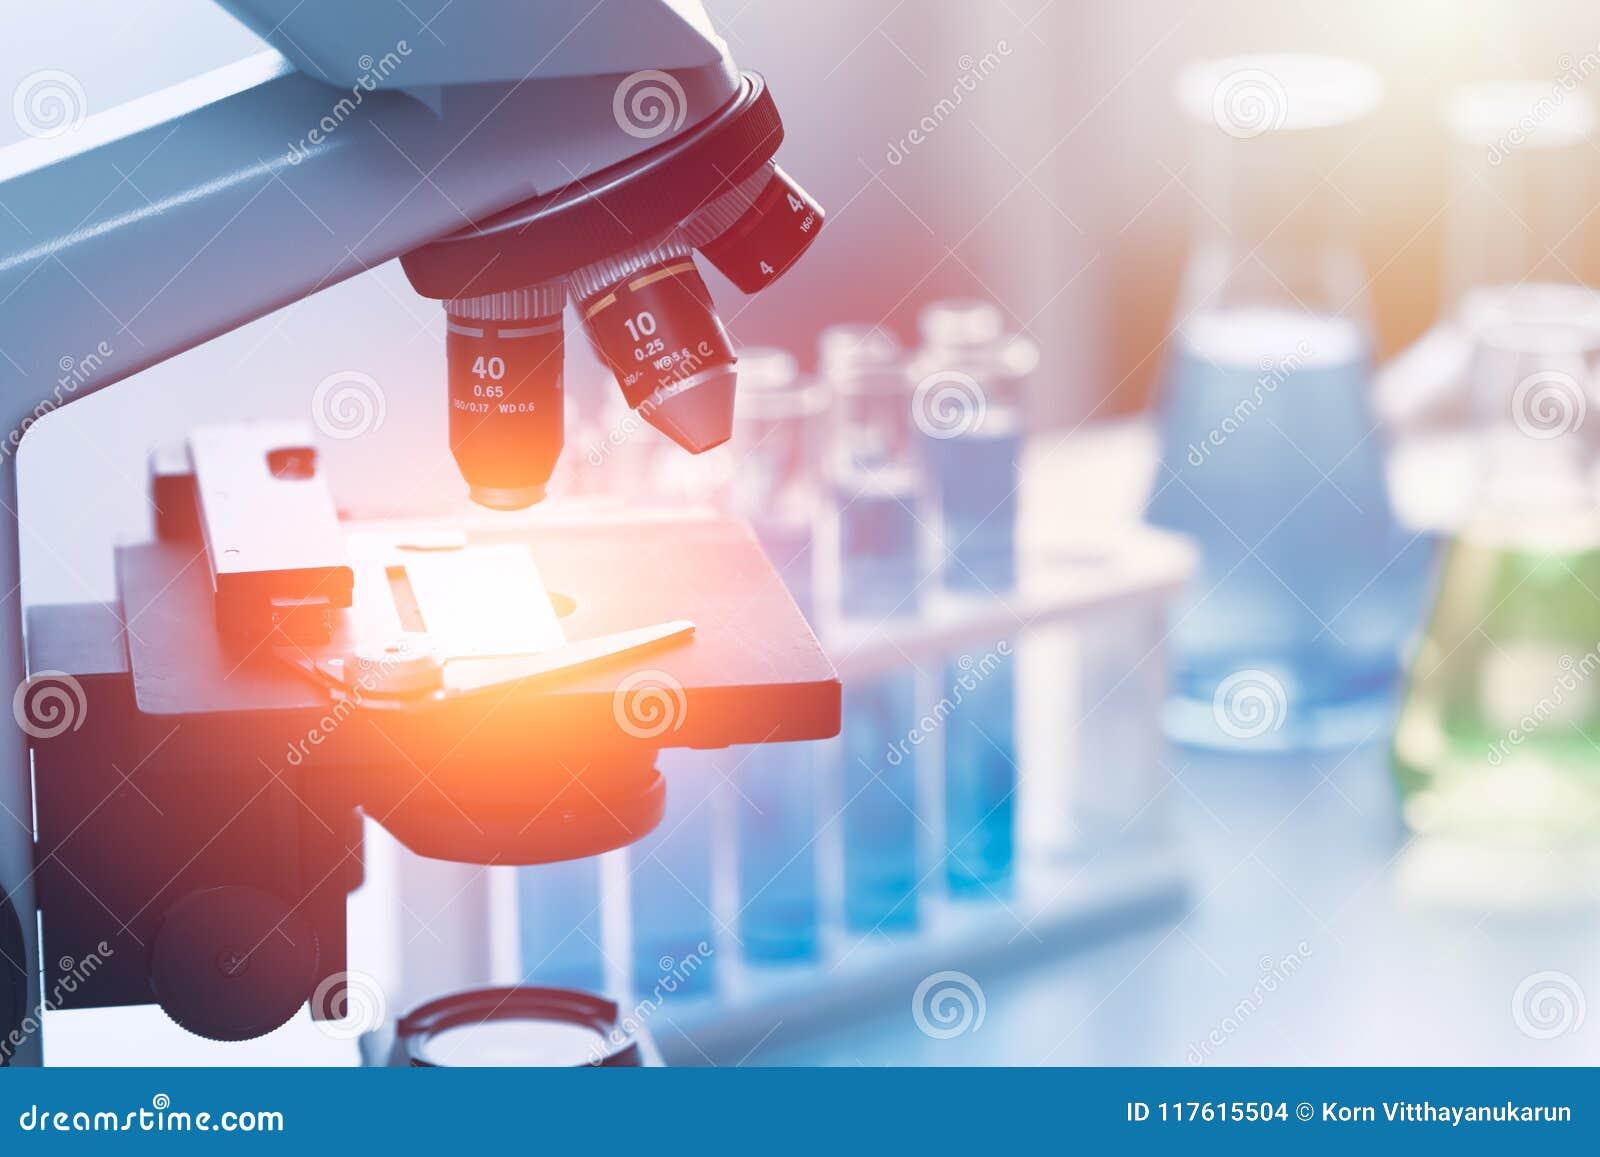 För medicinsk forskninglabb för vetenskap kemiska hjälpmedel